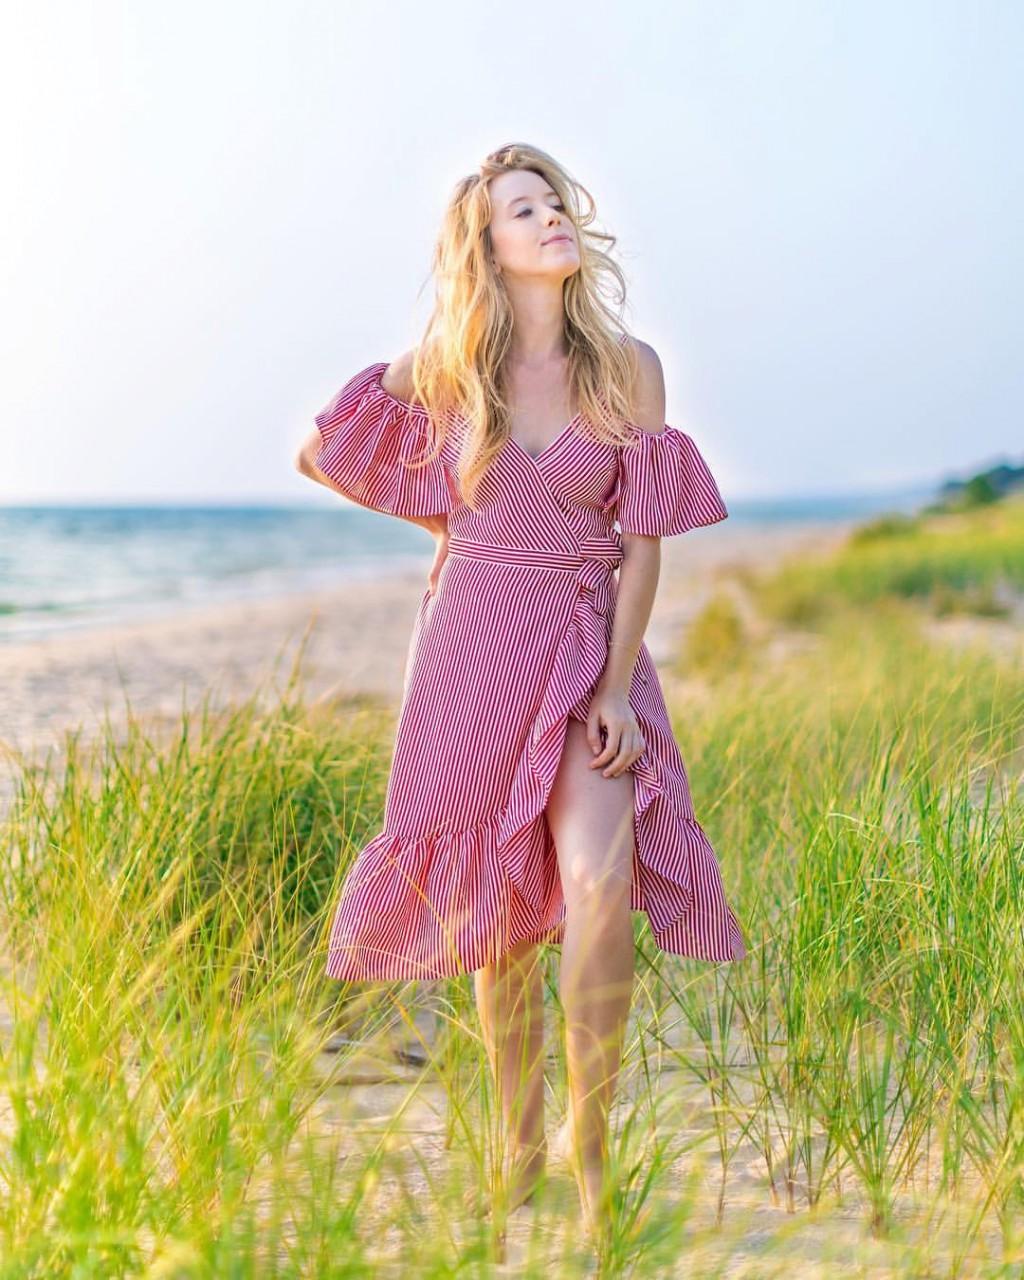 Подборка красивых фотографий или красотки на страницах модных журналов